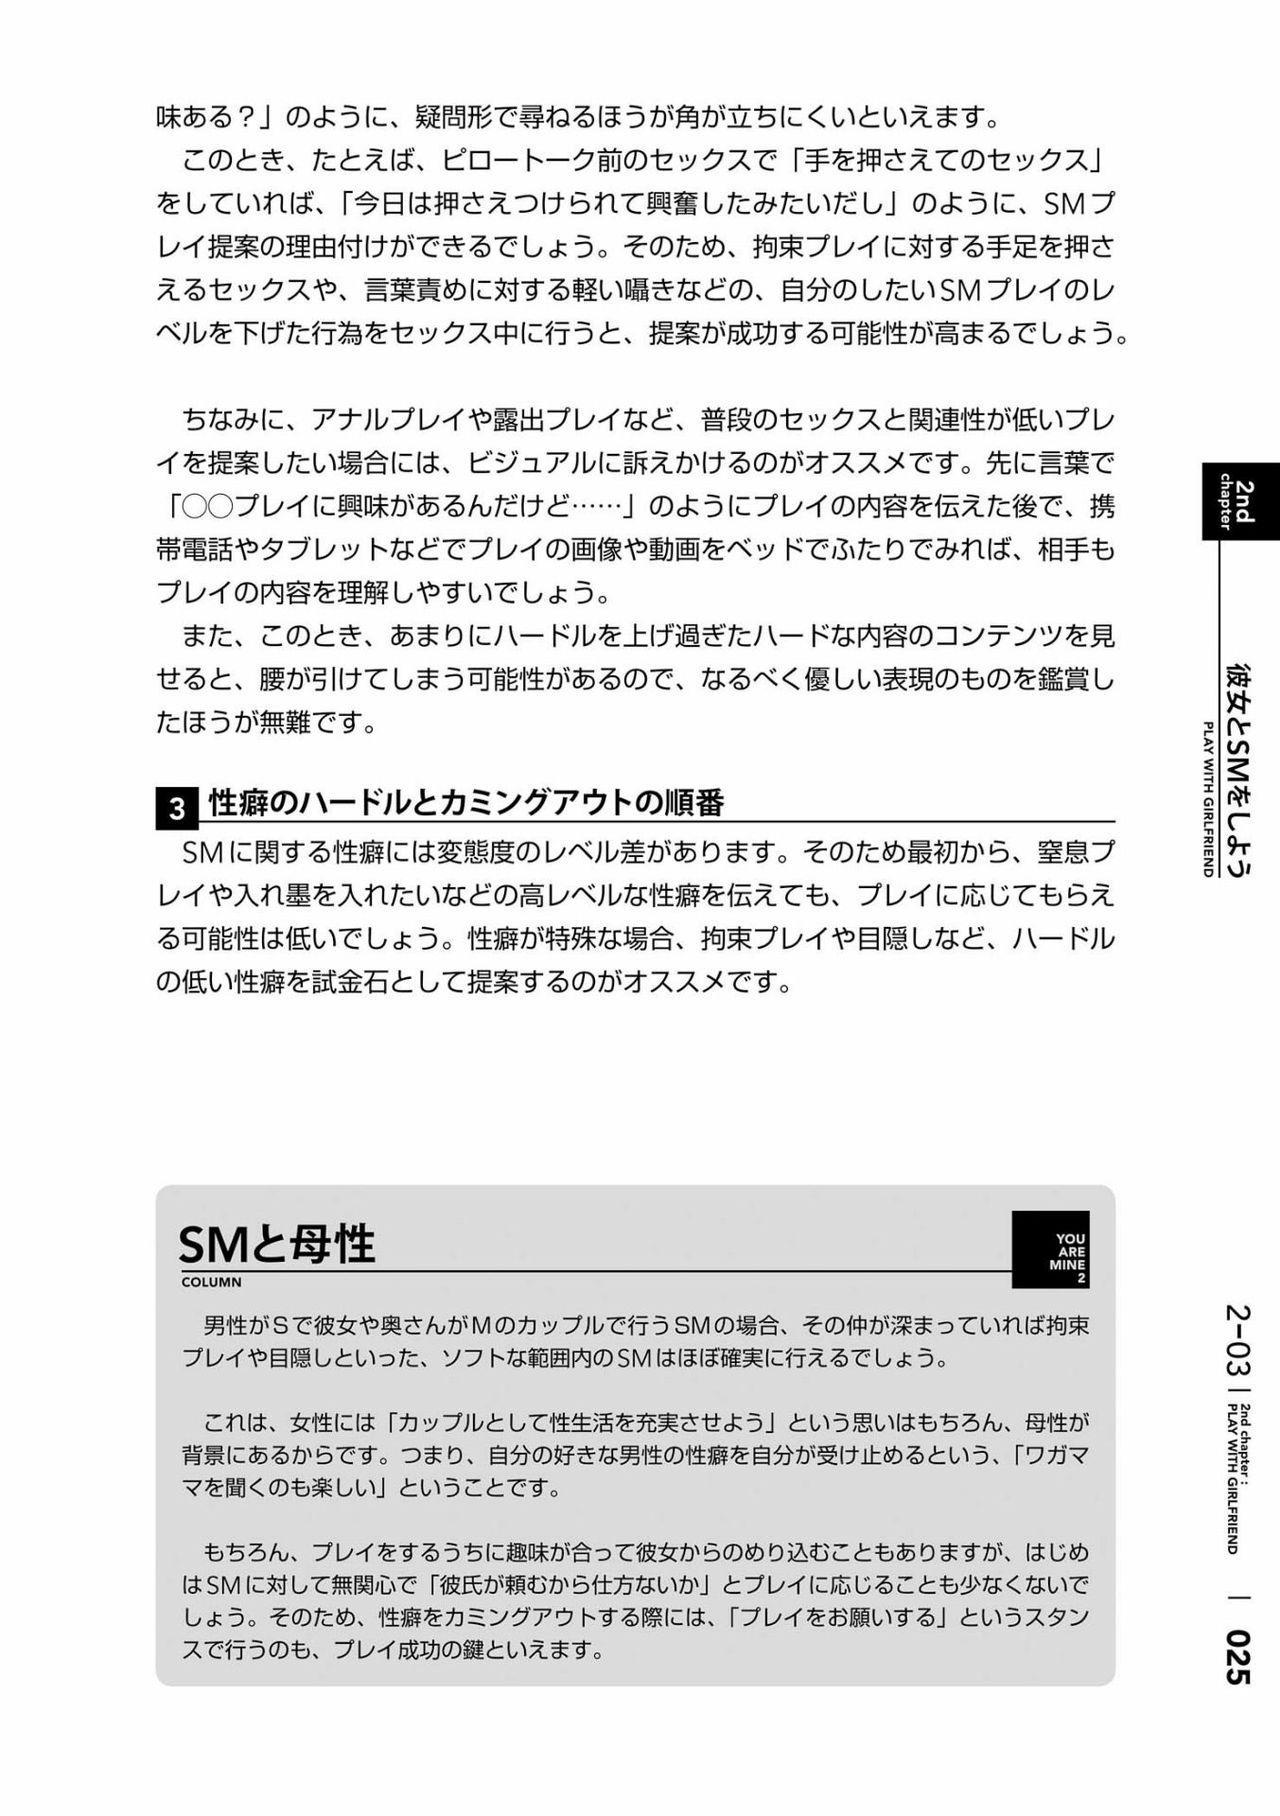 [Mitsuba] Karada mo Kokoro mo Boku no Mono ~Hajimete no SM Guide~ 2 [Digital] 27